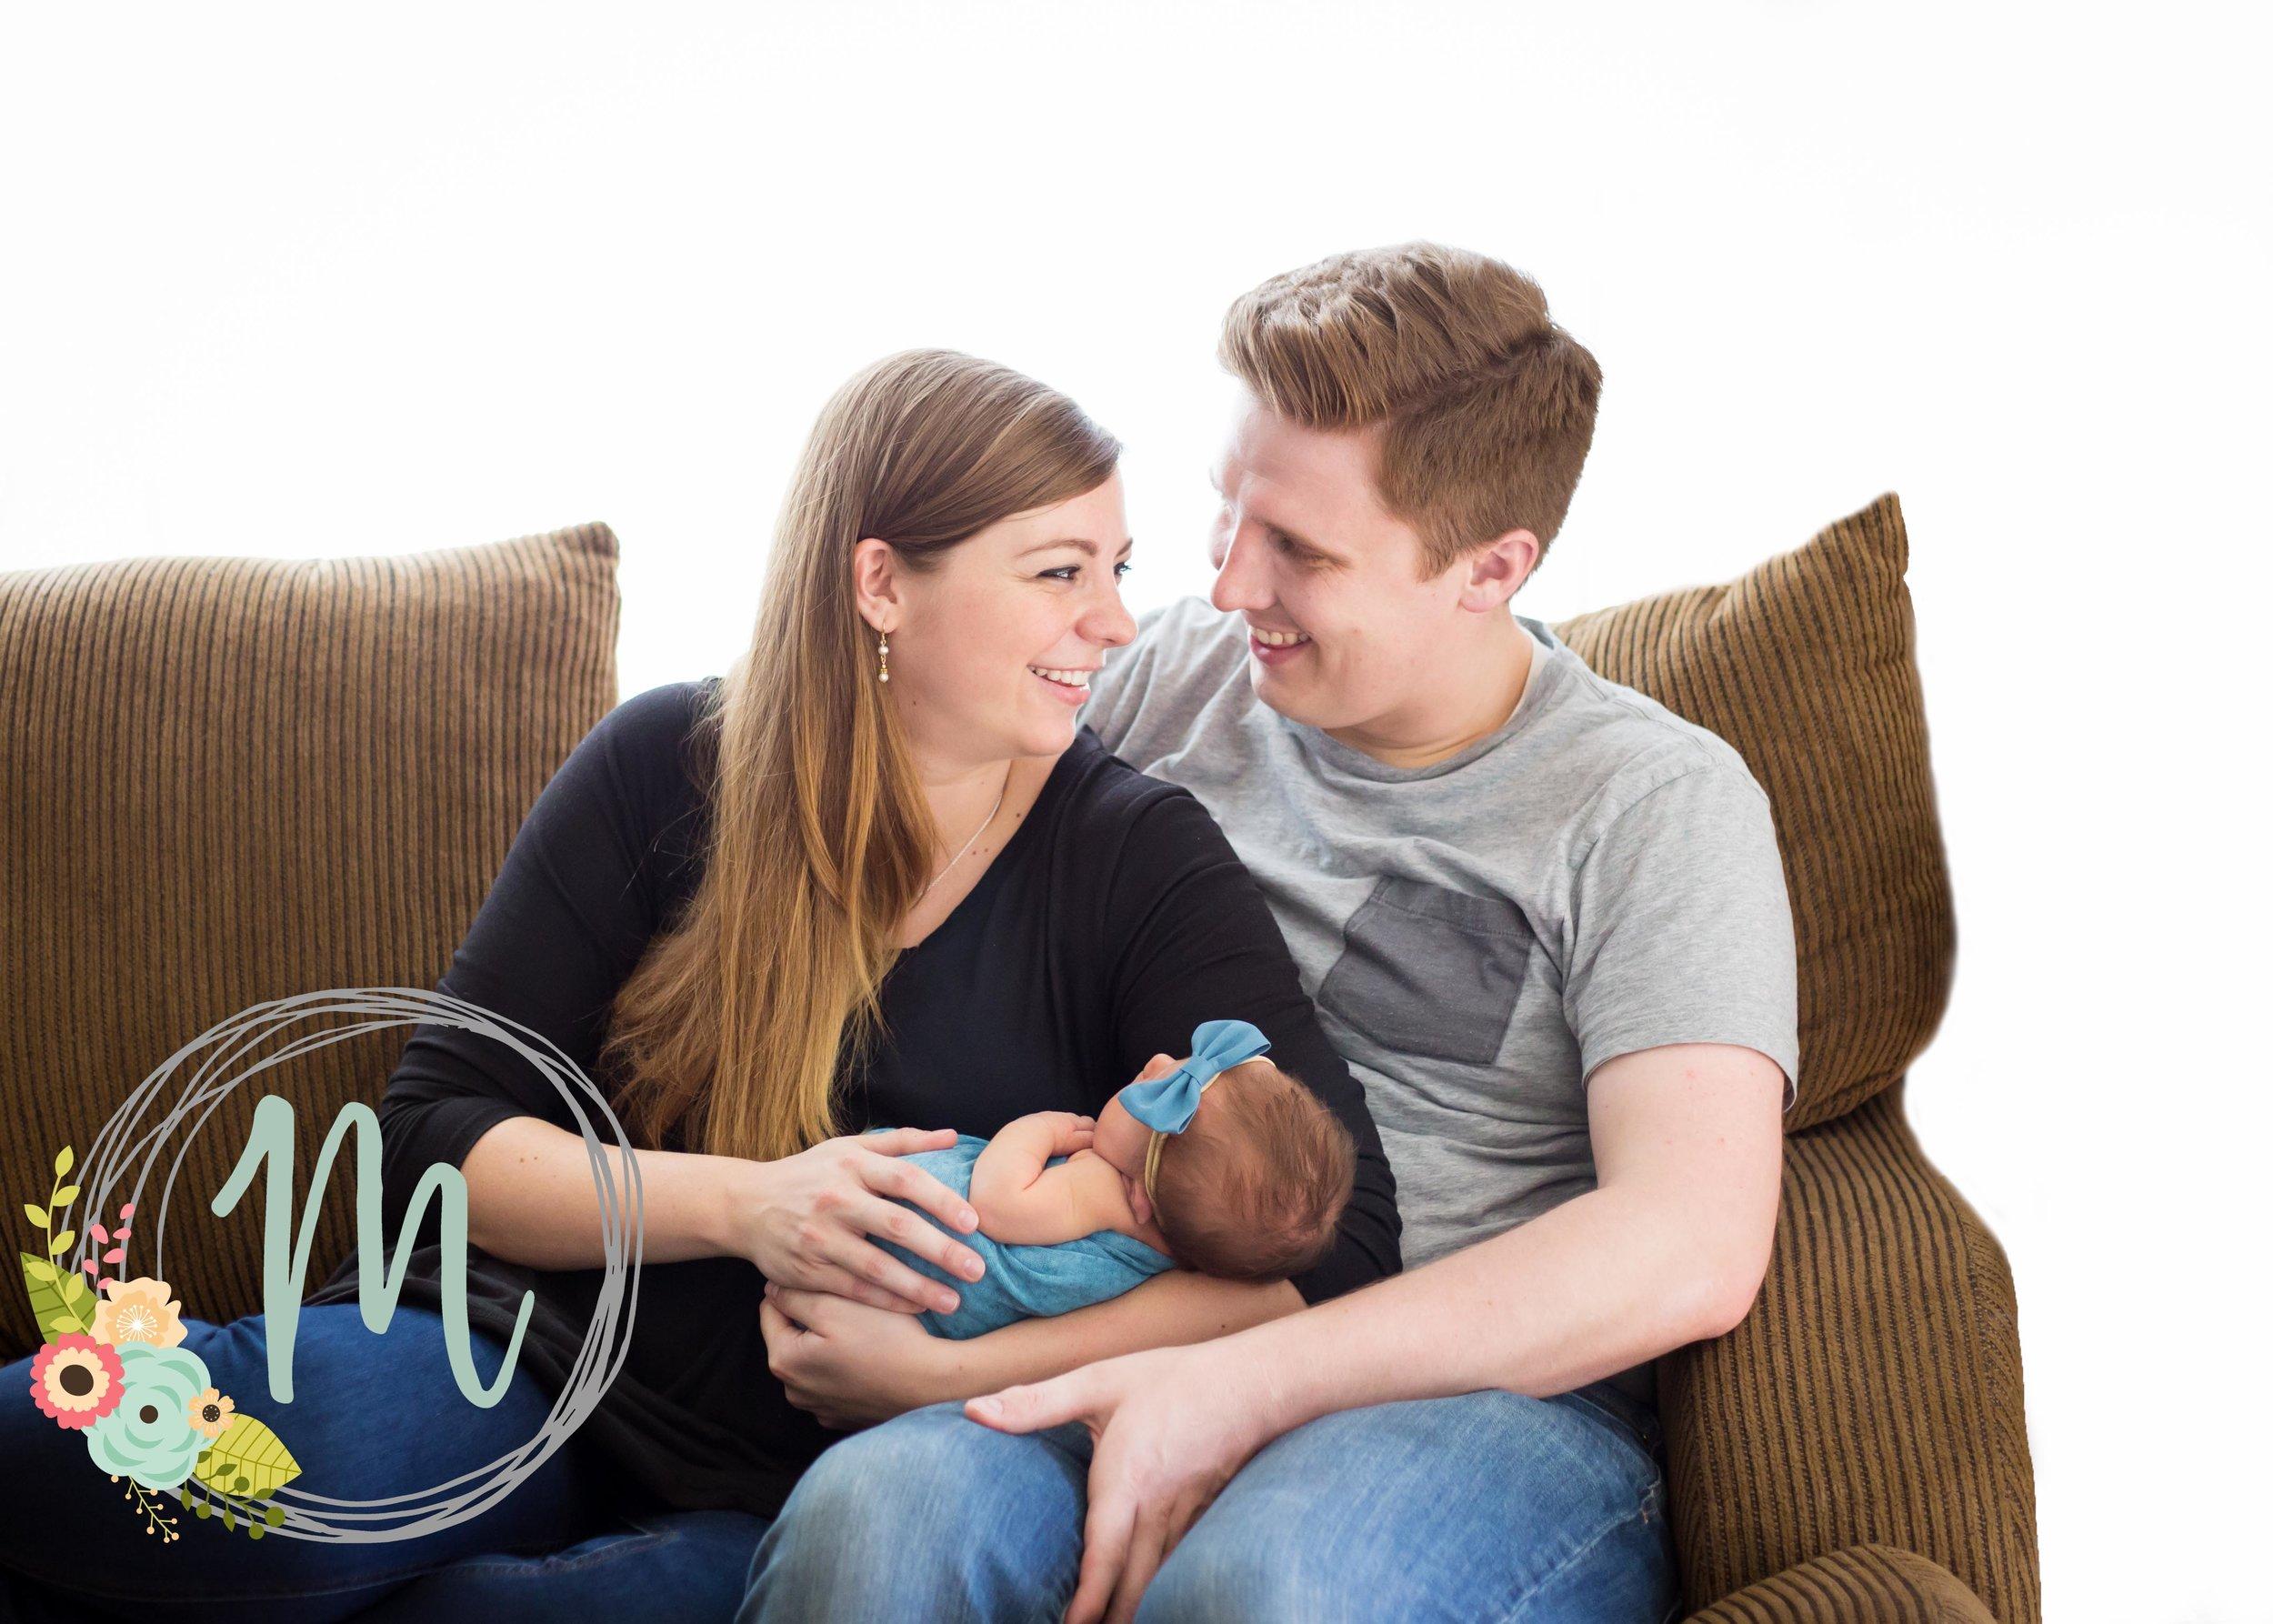 In-home Utah Newborn Photography - Millcreek, Utah